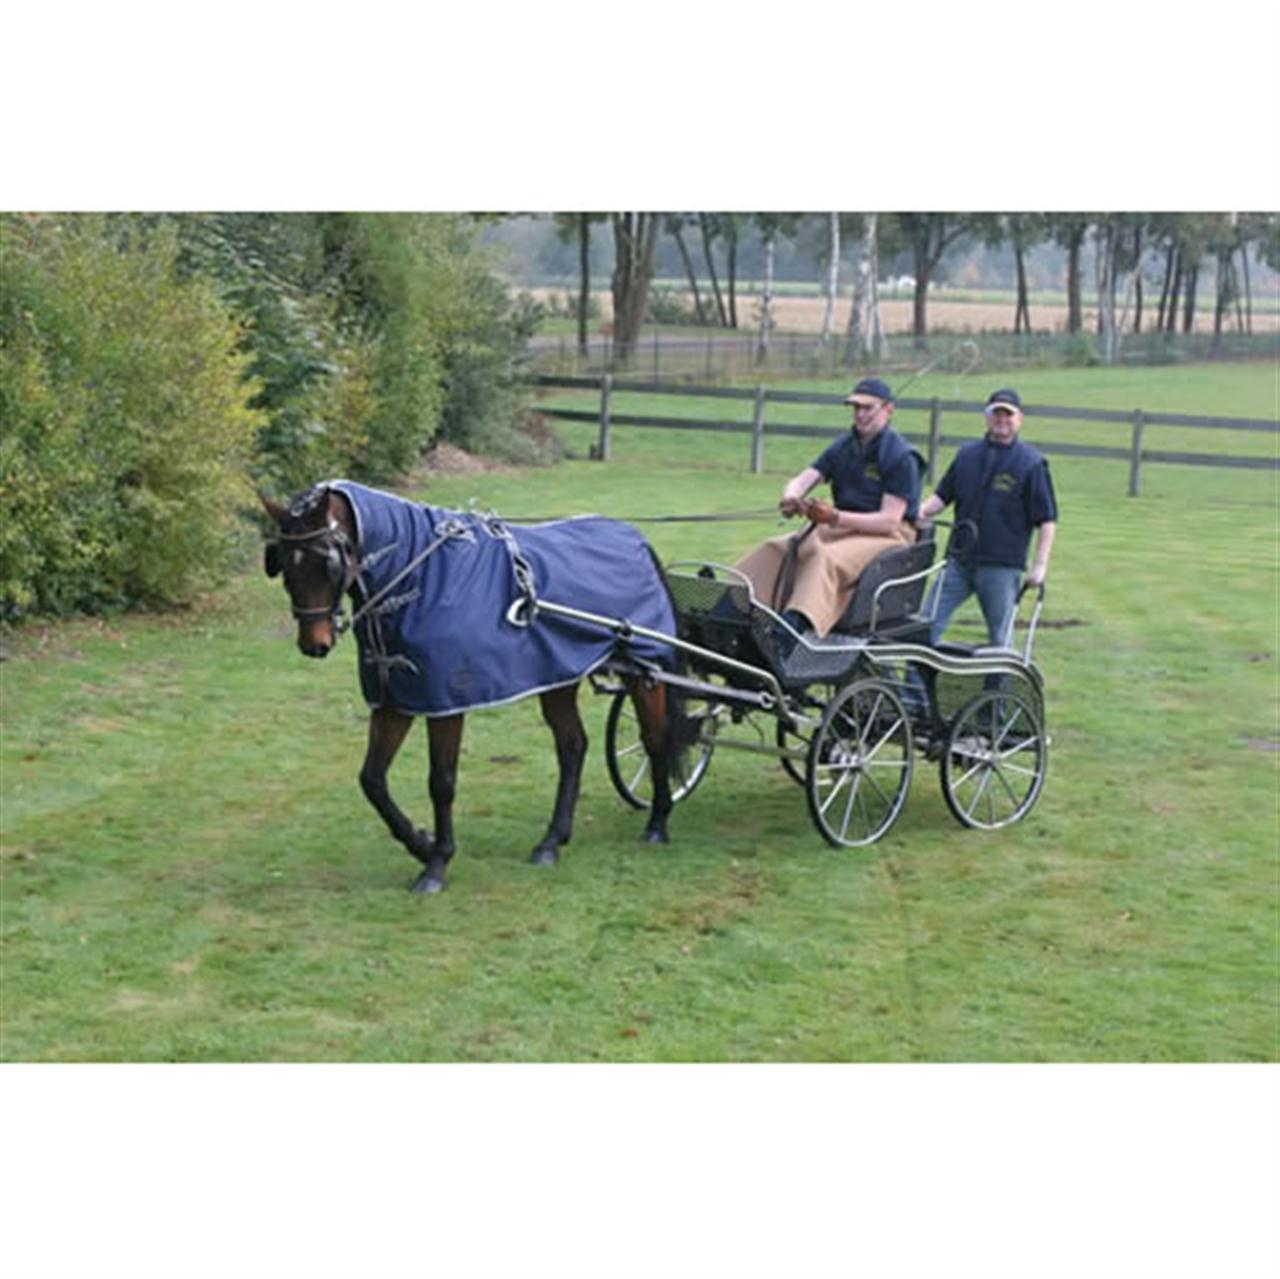 Ideal Equestrian waterafstotende mendeken blauw maat:205